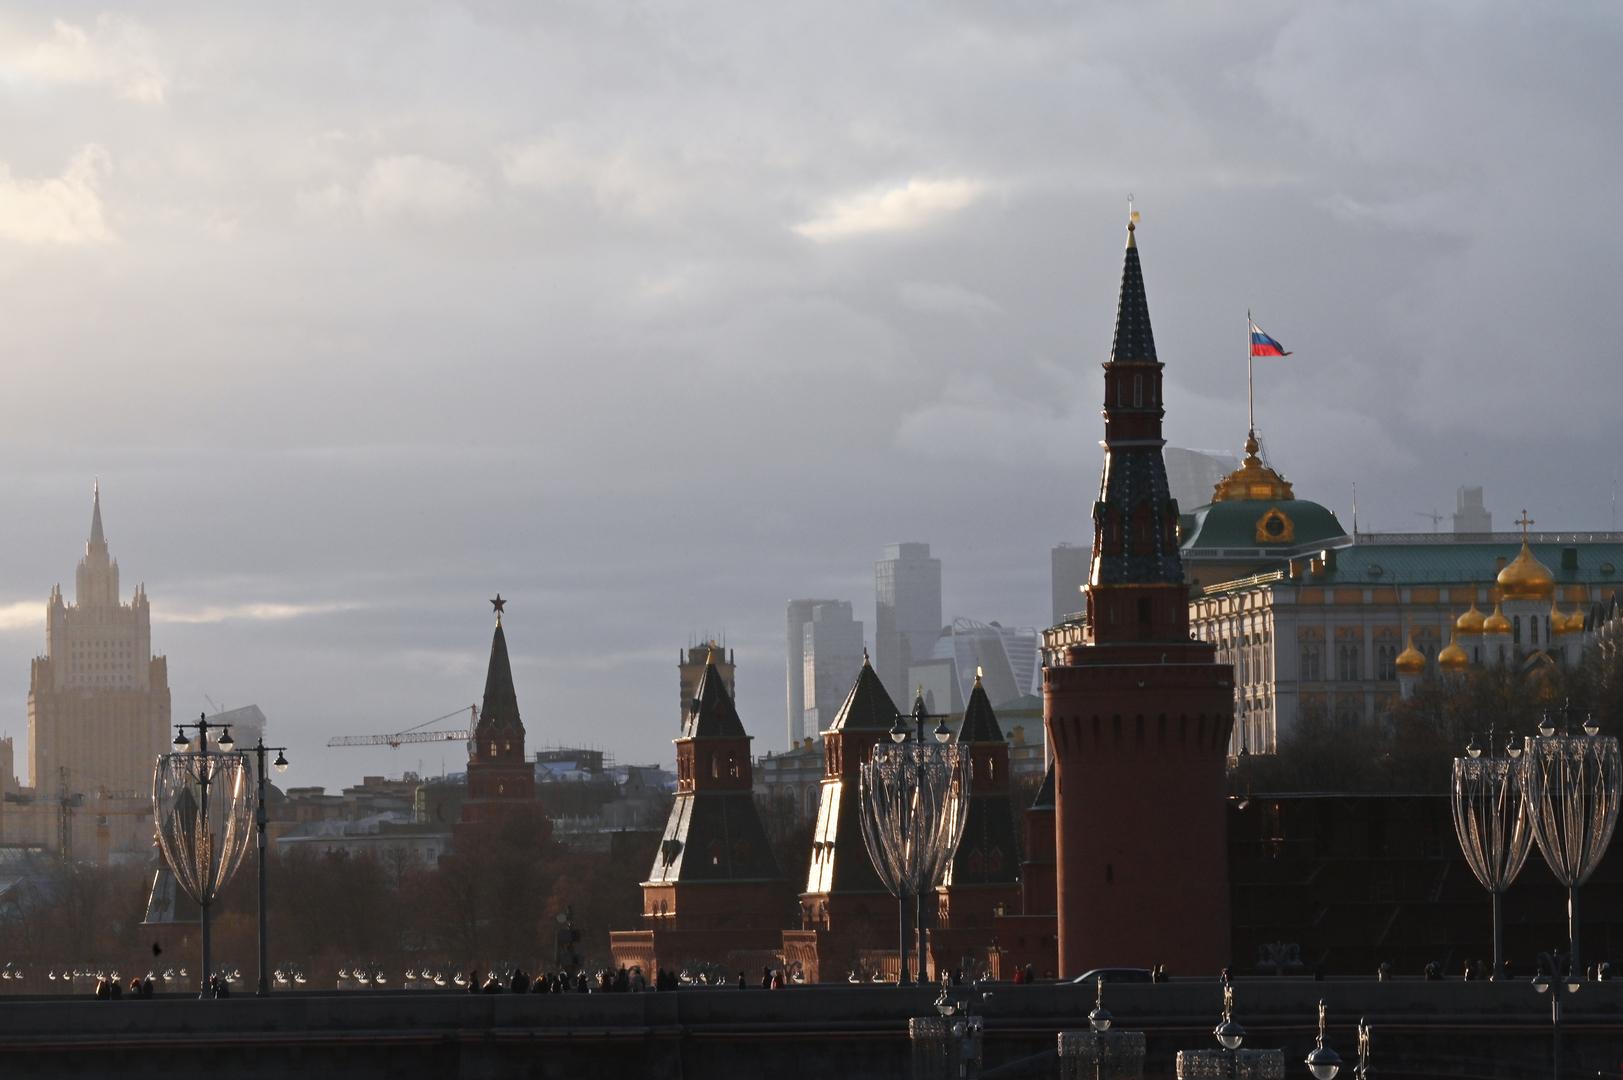 الكرملين يبلغ سفير واشنطن بكيفية رد روسيا على العقوبات الأمريكية الجديدة